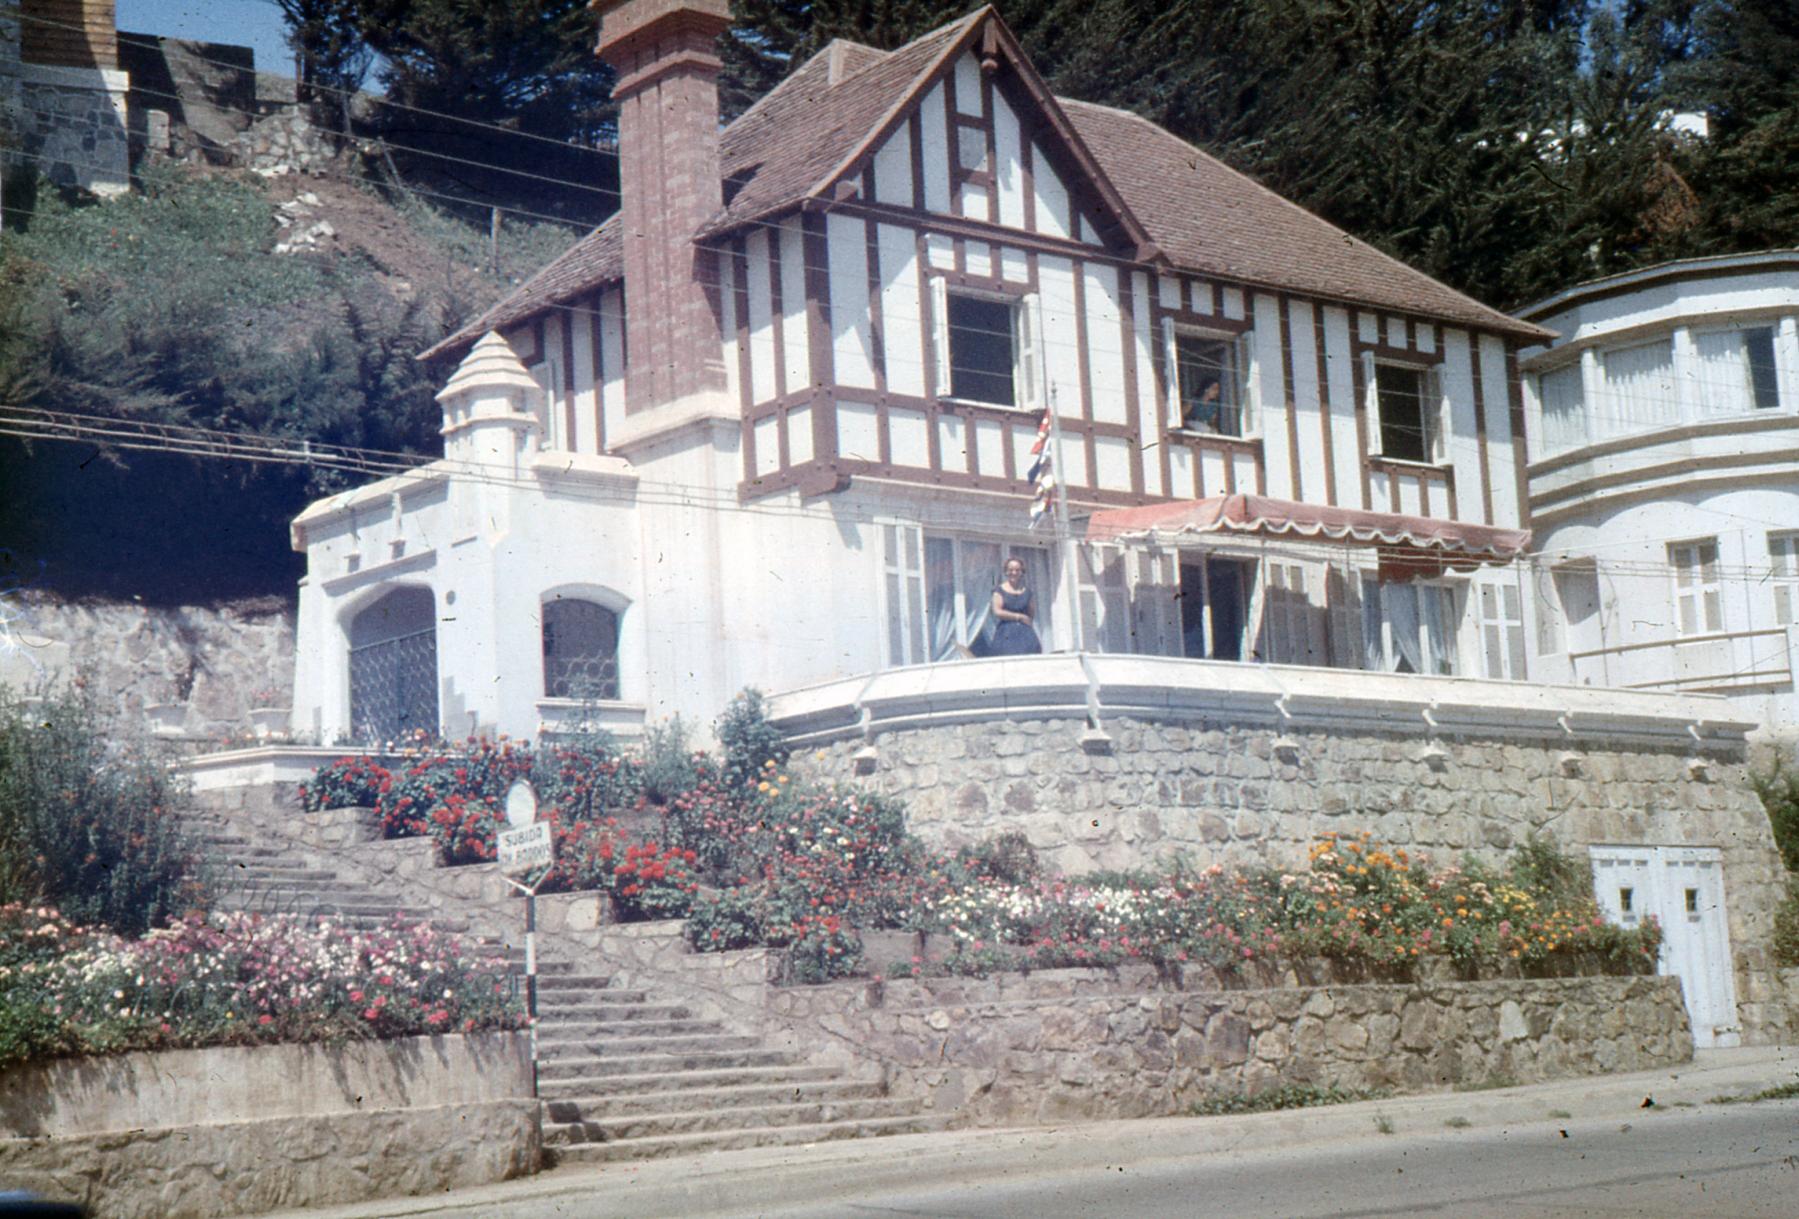 Enterreno - Fotos históricas de chile - fotos antiguas de Chile - Concon en 1958